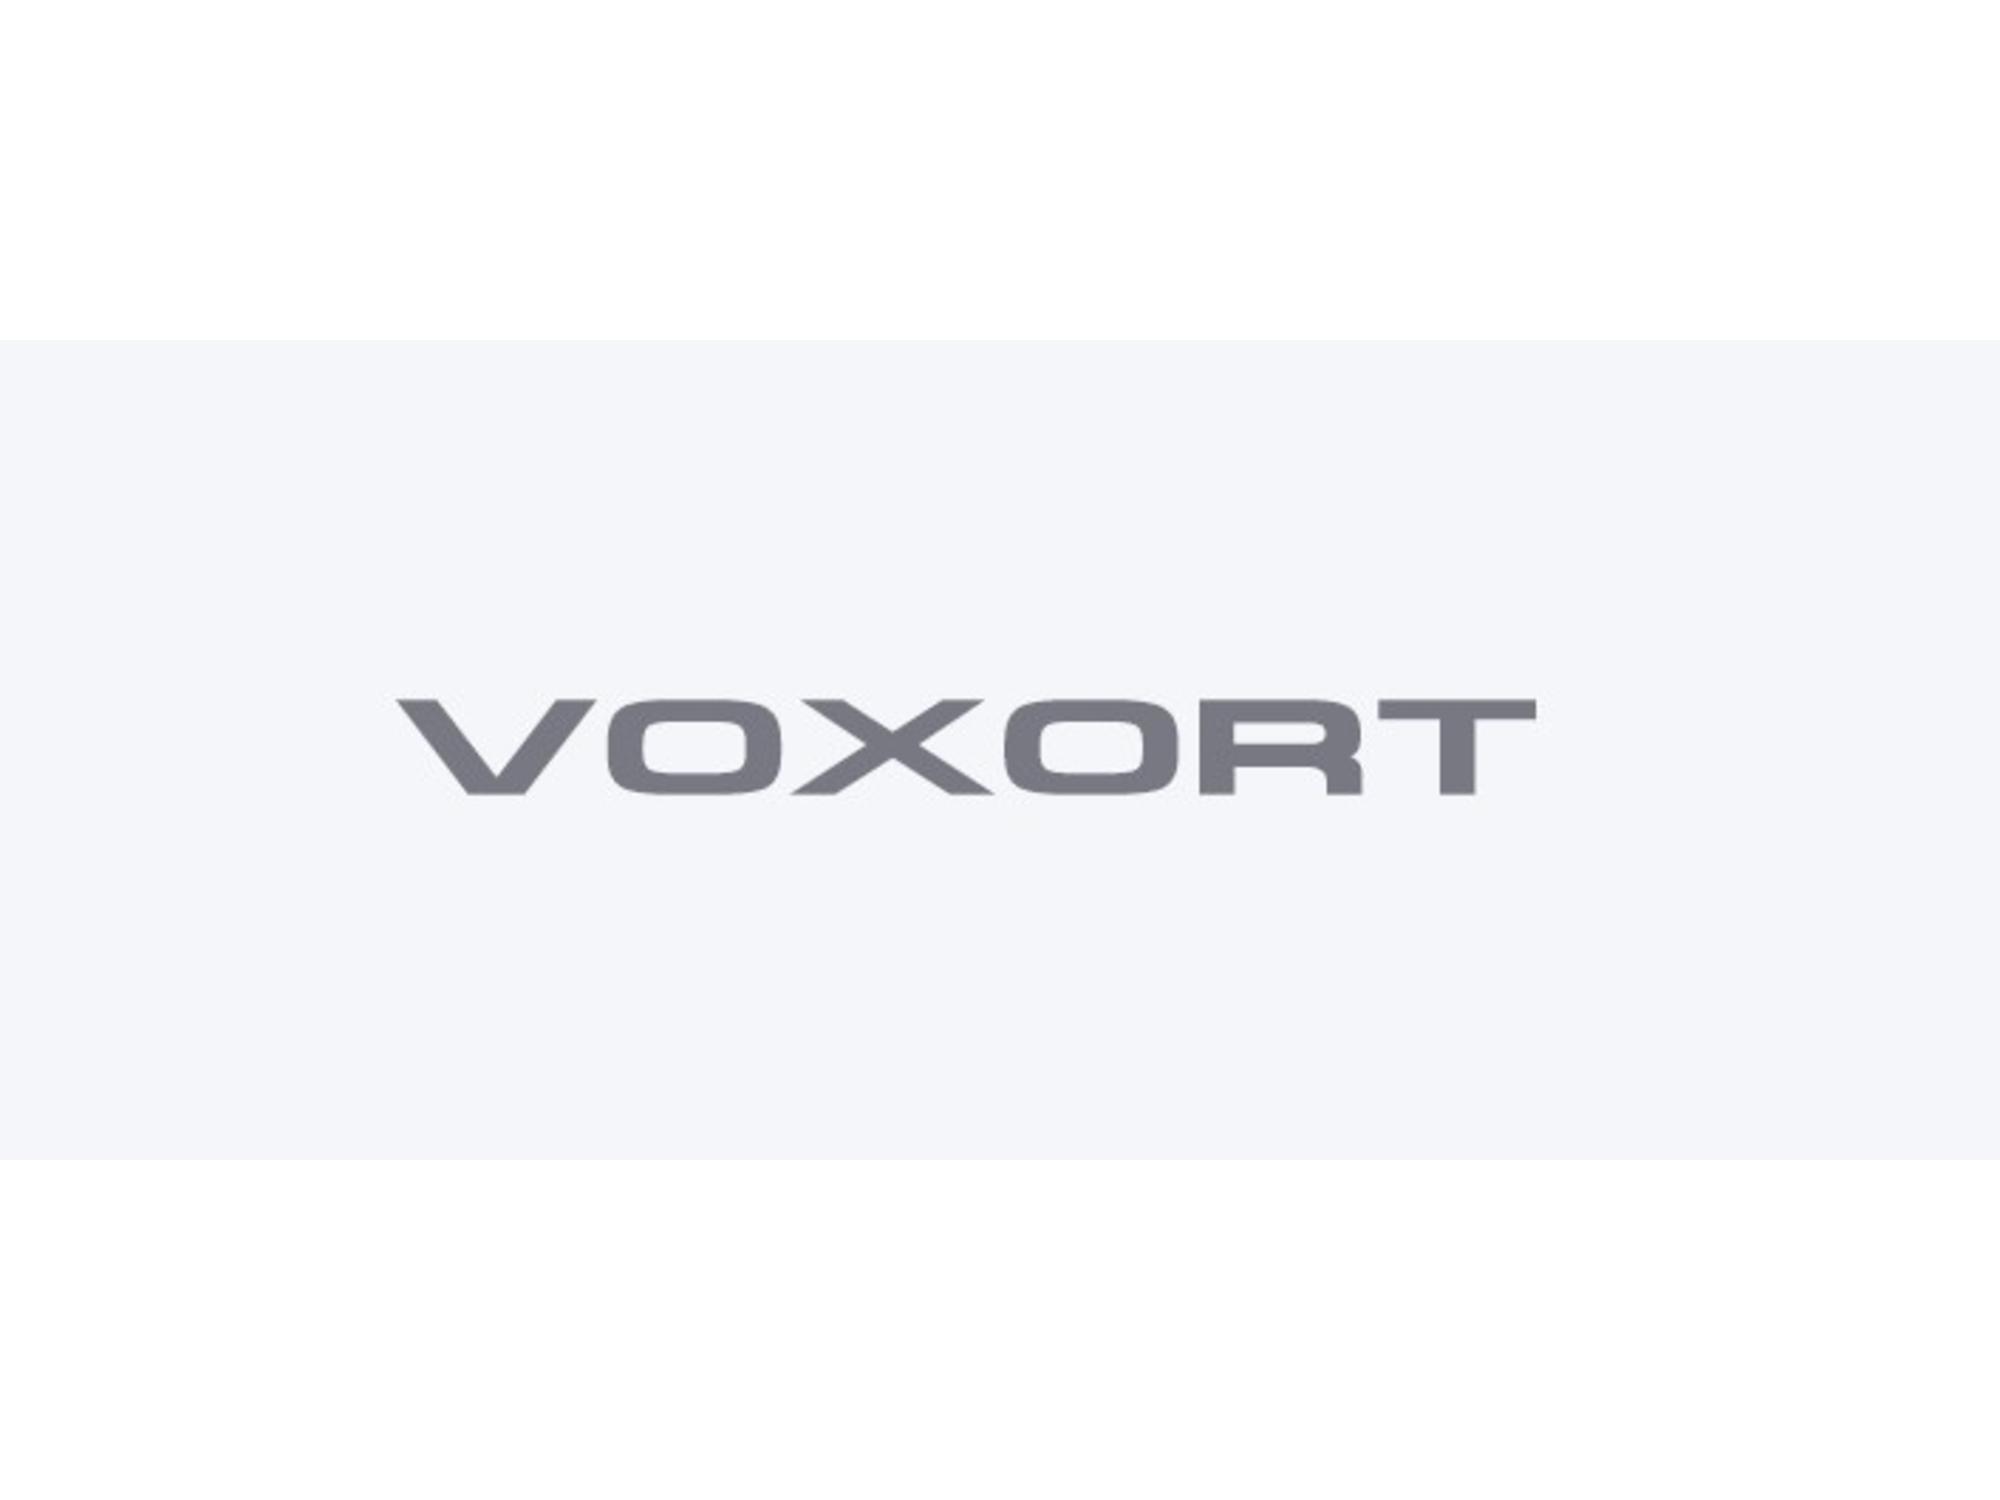 Voxort zidni U profil za vrat N11596 Pro 1B - ODPRTA EMBALAŽA